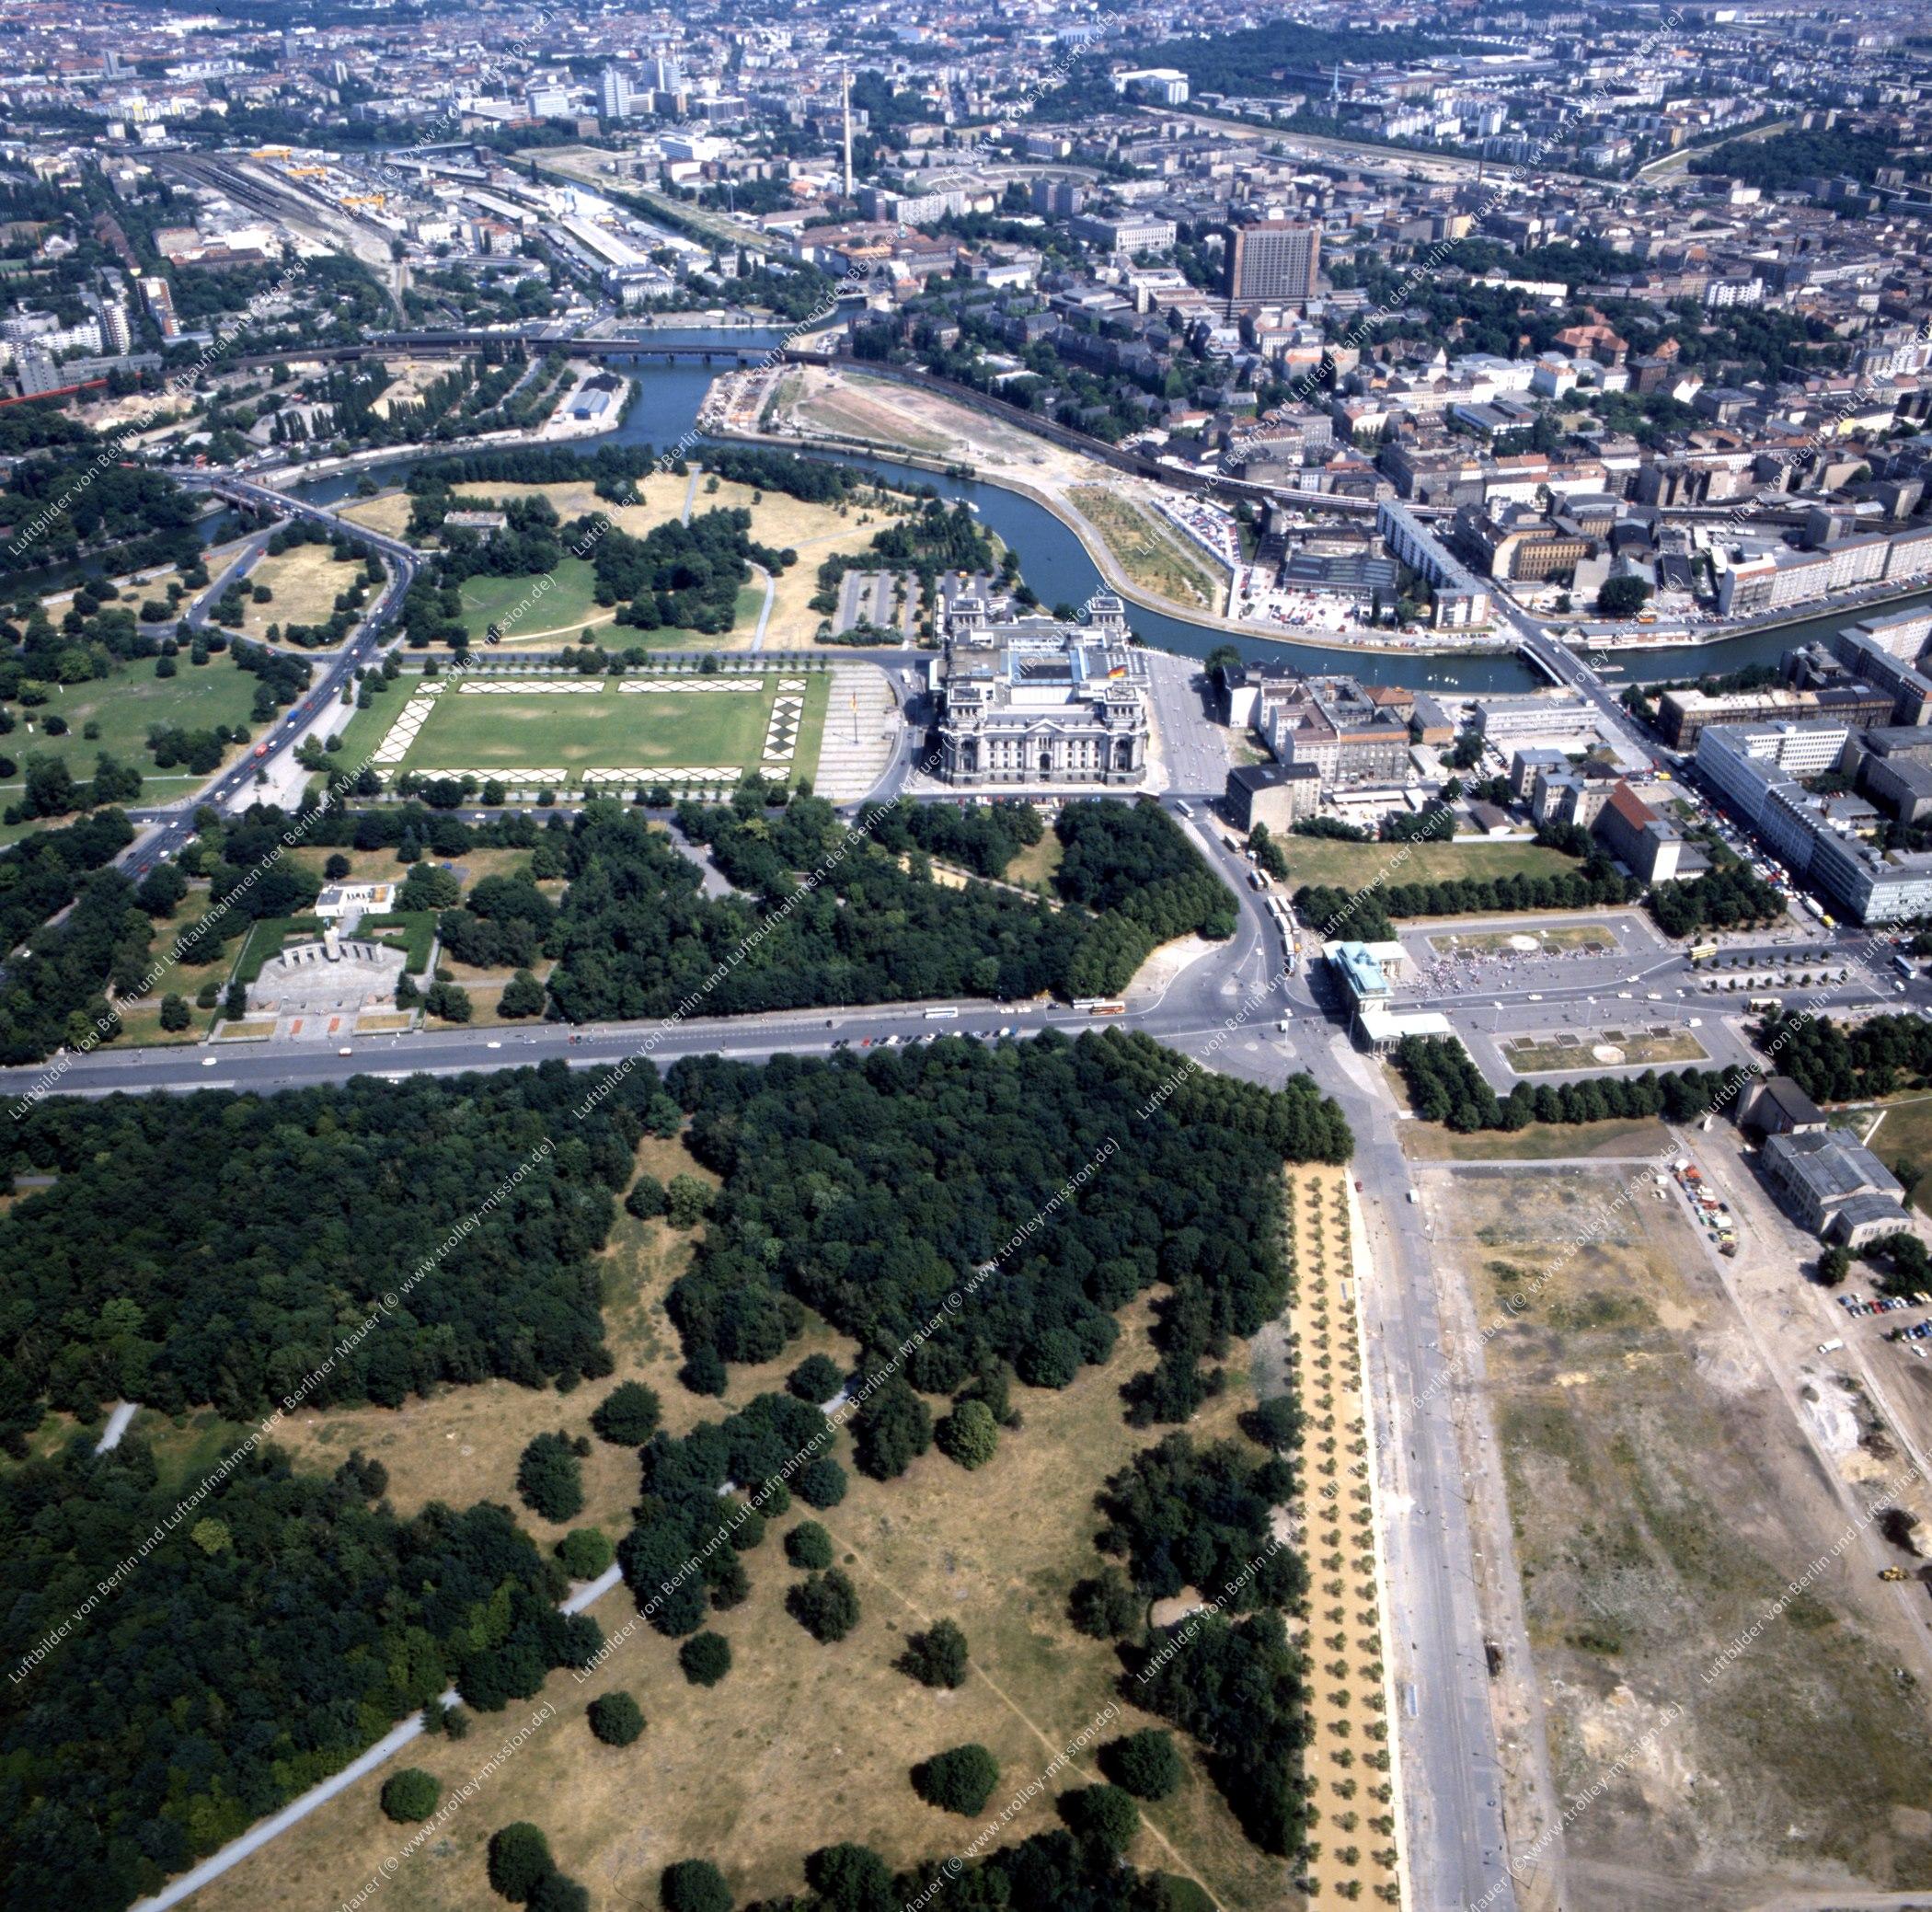 Brandenburger Tor und Reichstag - Rundflug (Luftbild) nach der deutschen Wiedervereinigung (Bild 132)